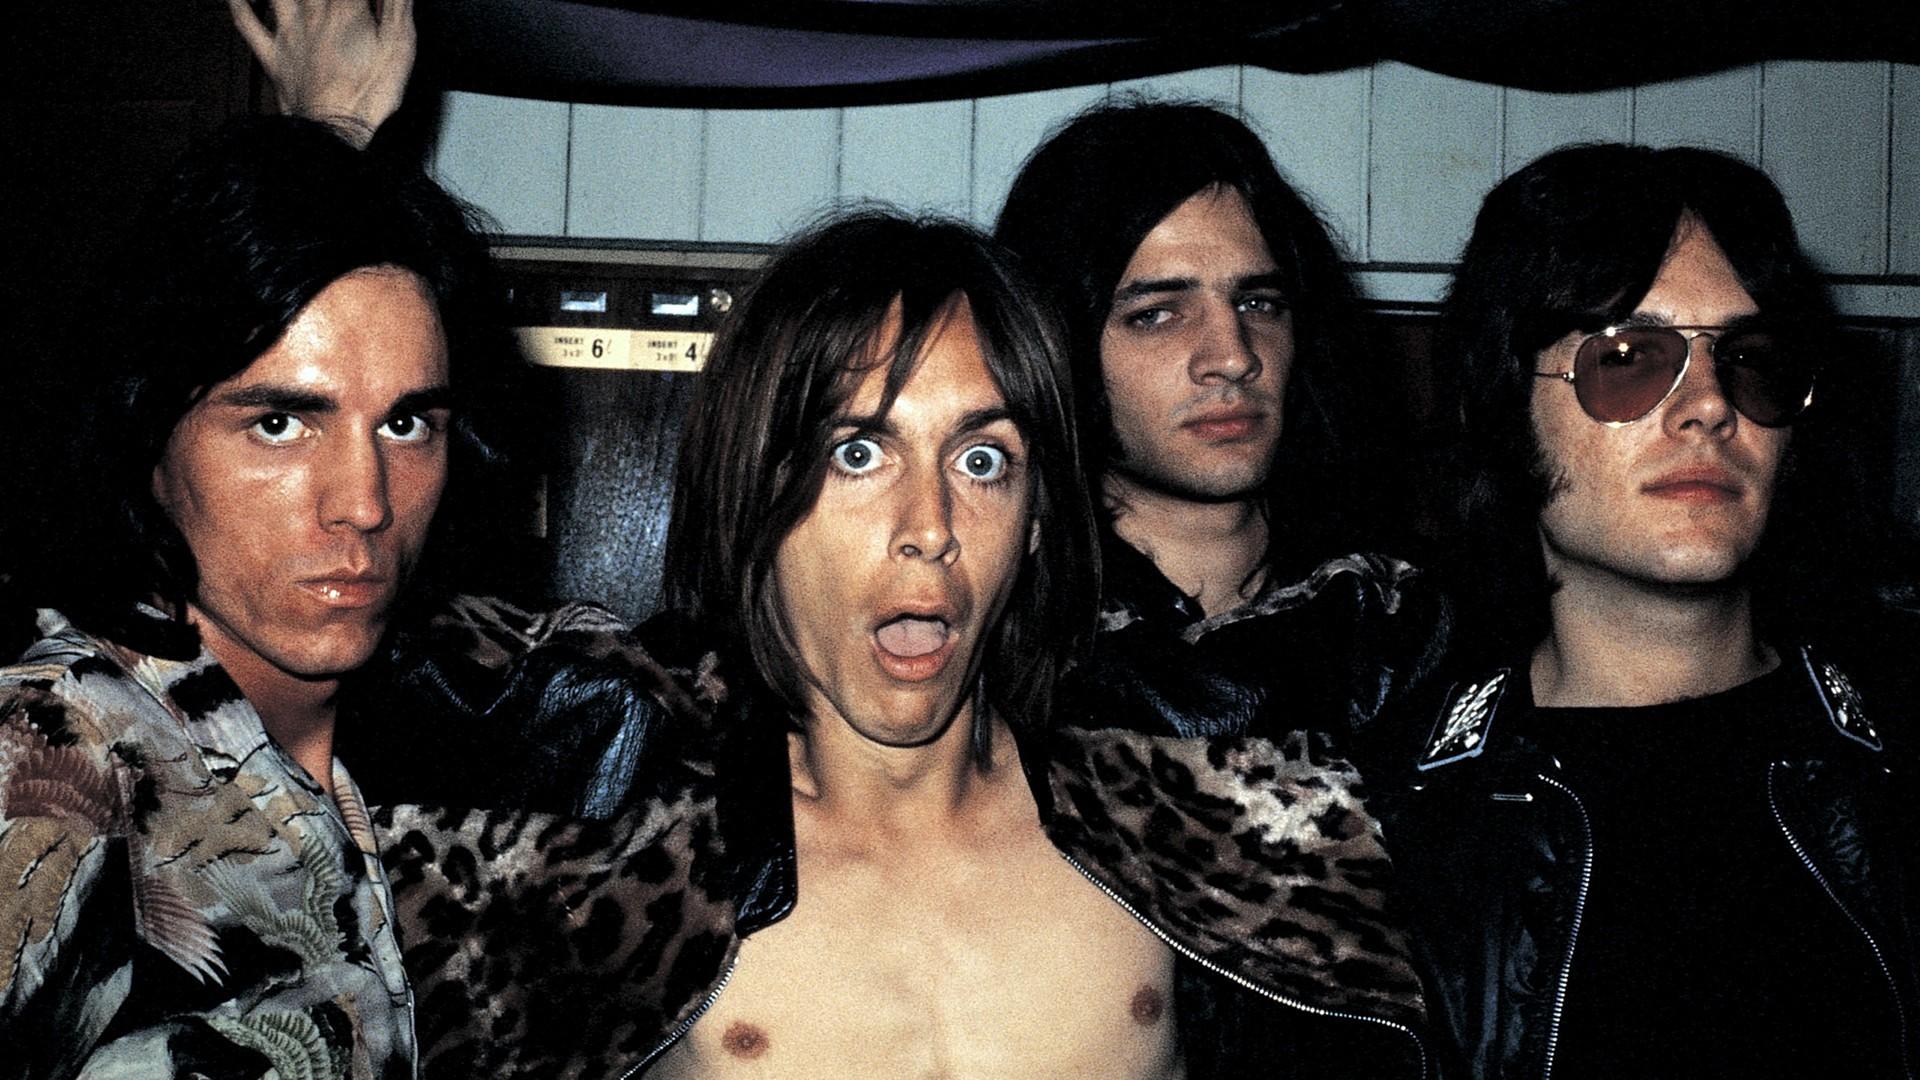 Джим Джармуш признался в слабости лучшей группе завсю историю рок-н-ролла